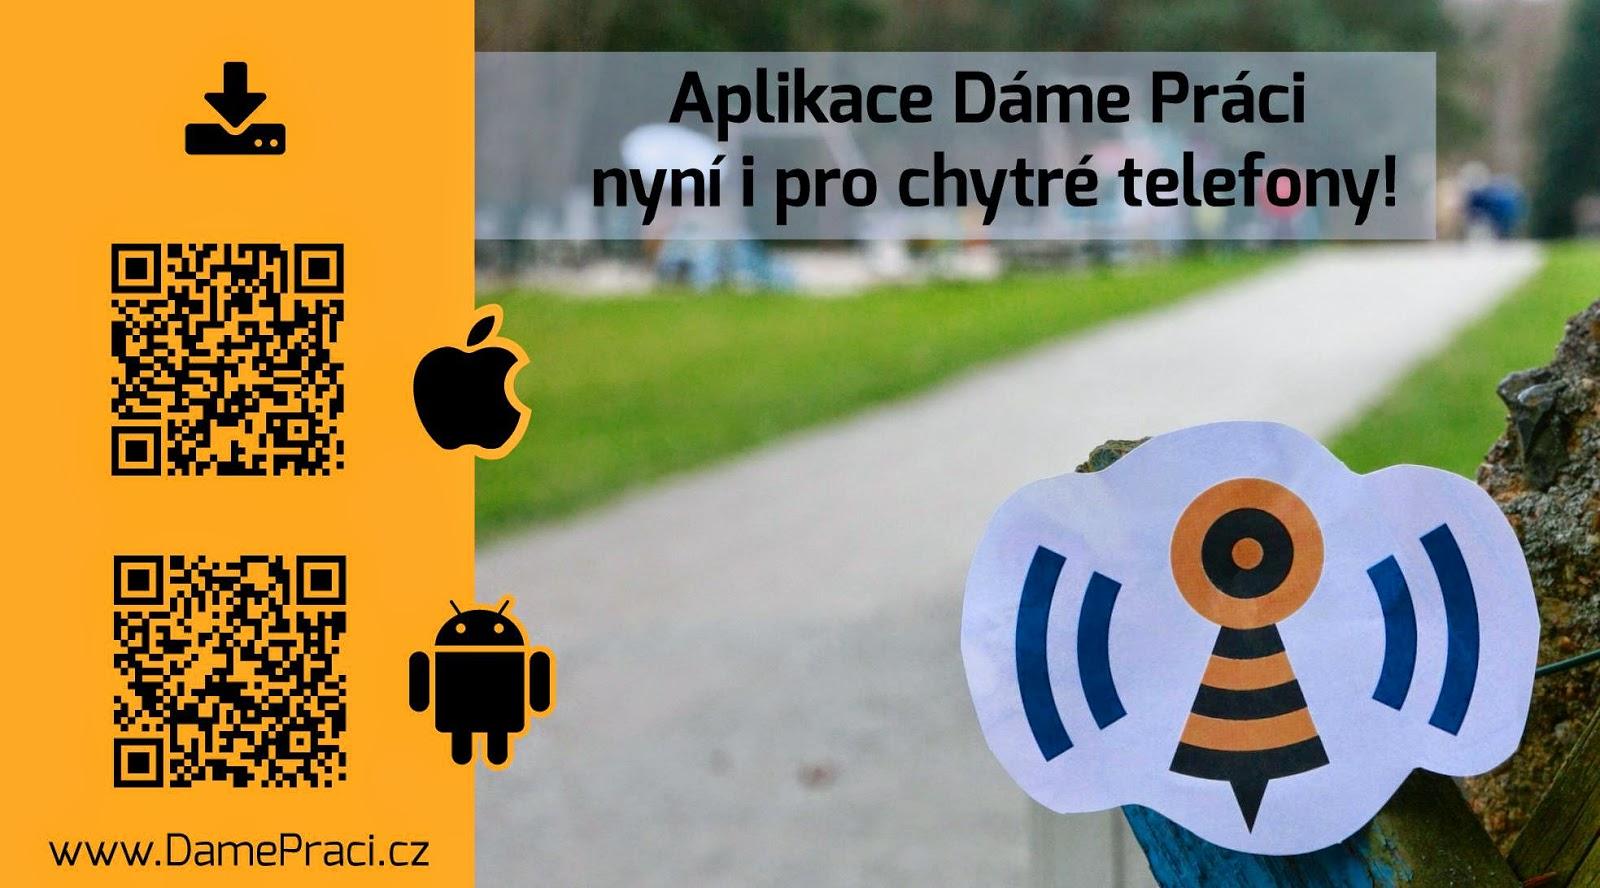 Aplikace DámePráci.cz pro chytré telefony